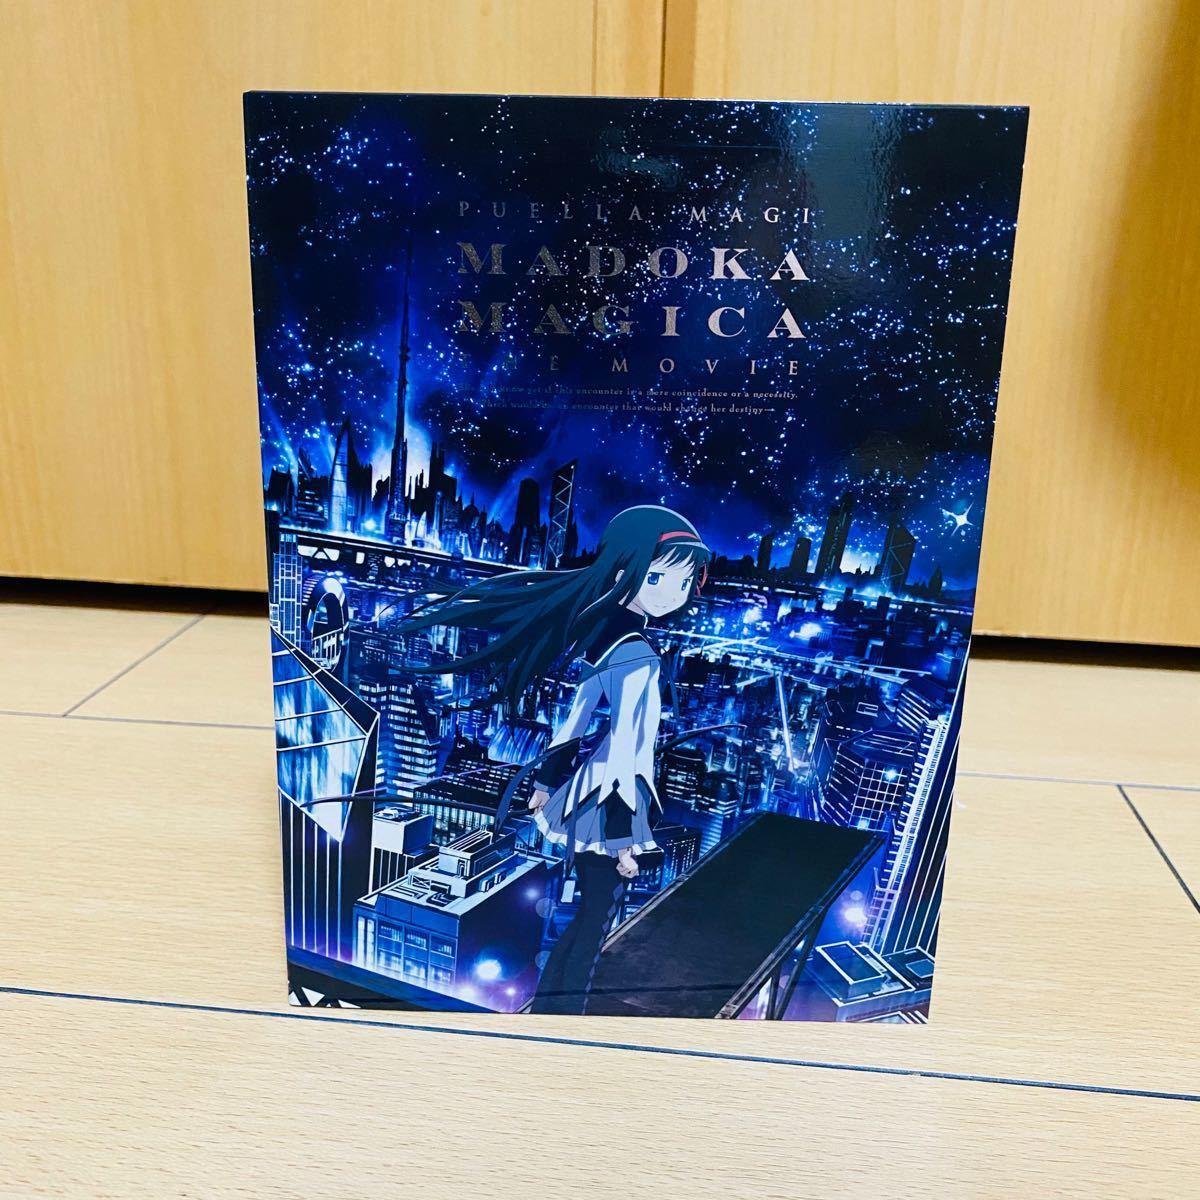 「劇場版 魔法少女まどか☆マギカ[前編]始まりの物語/[後編]永遠の物語〈完全生産限定版・2枚組〉」